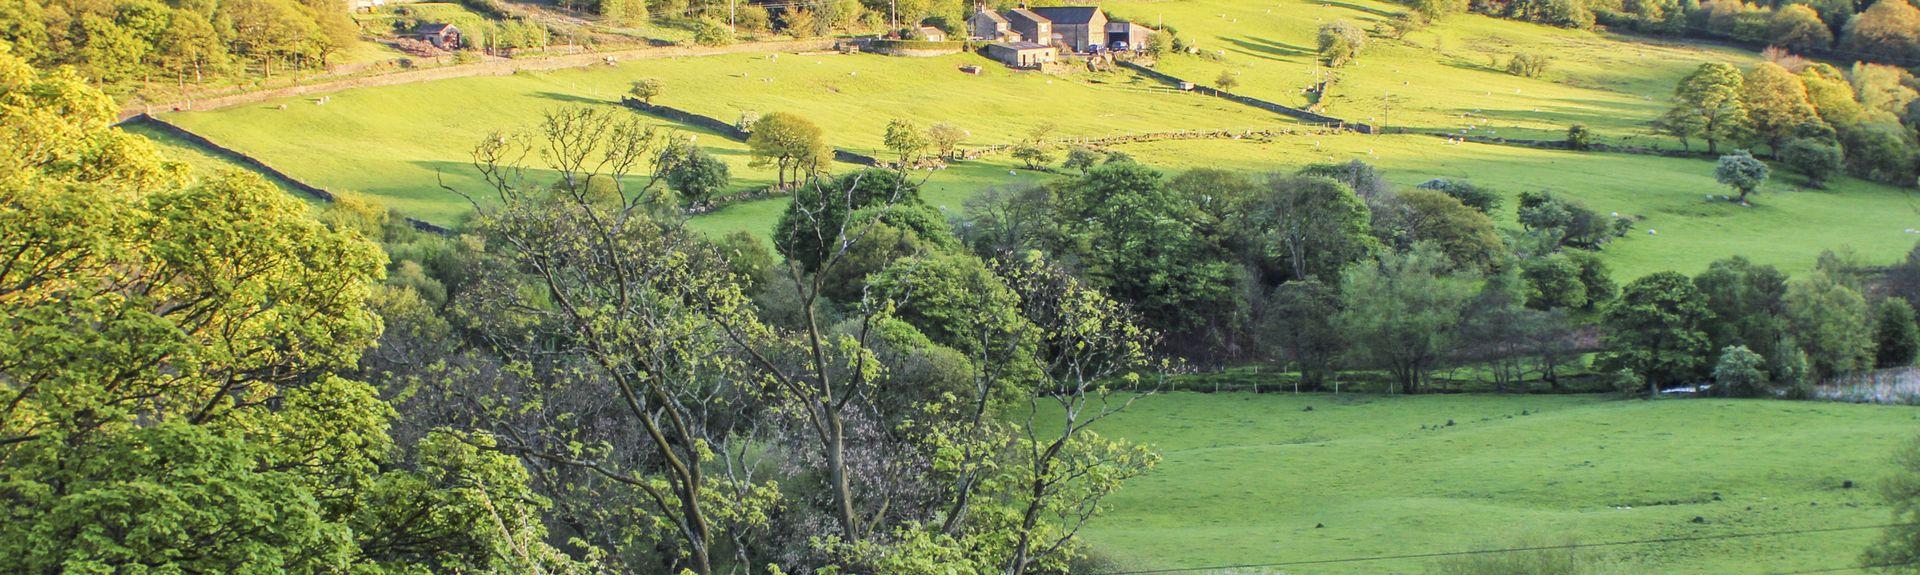 Woodhouse Moor, Leeds, Englanti, Yhdistynyt Kuningaskunta